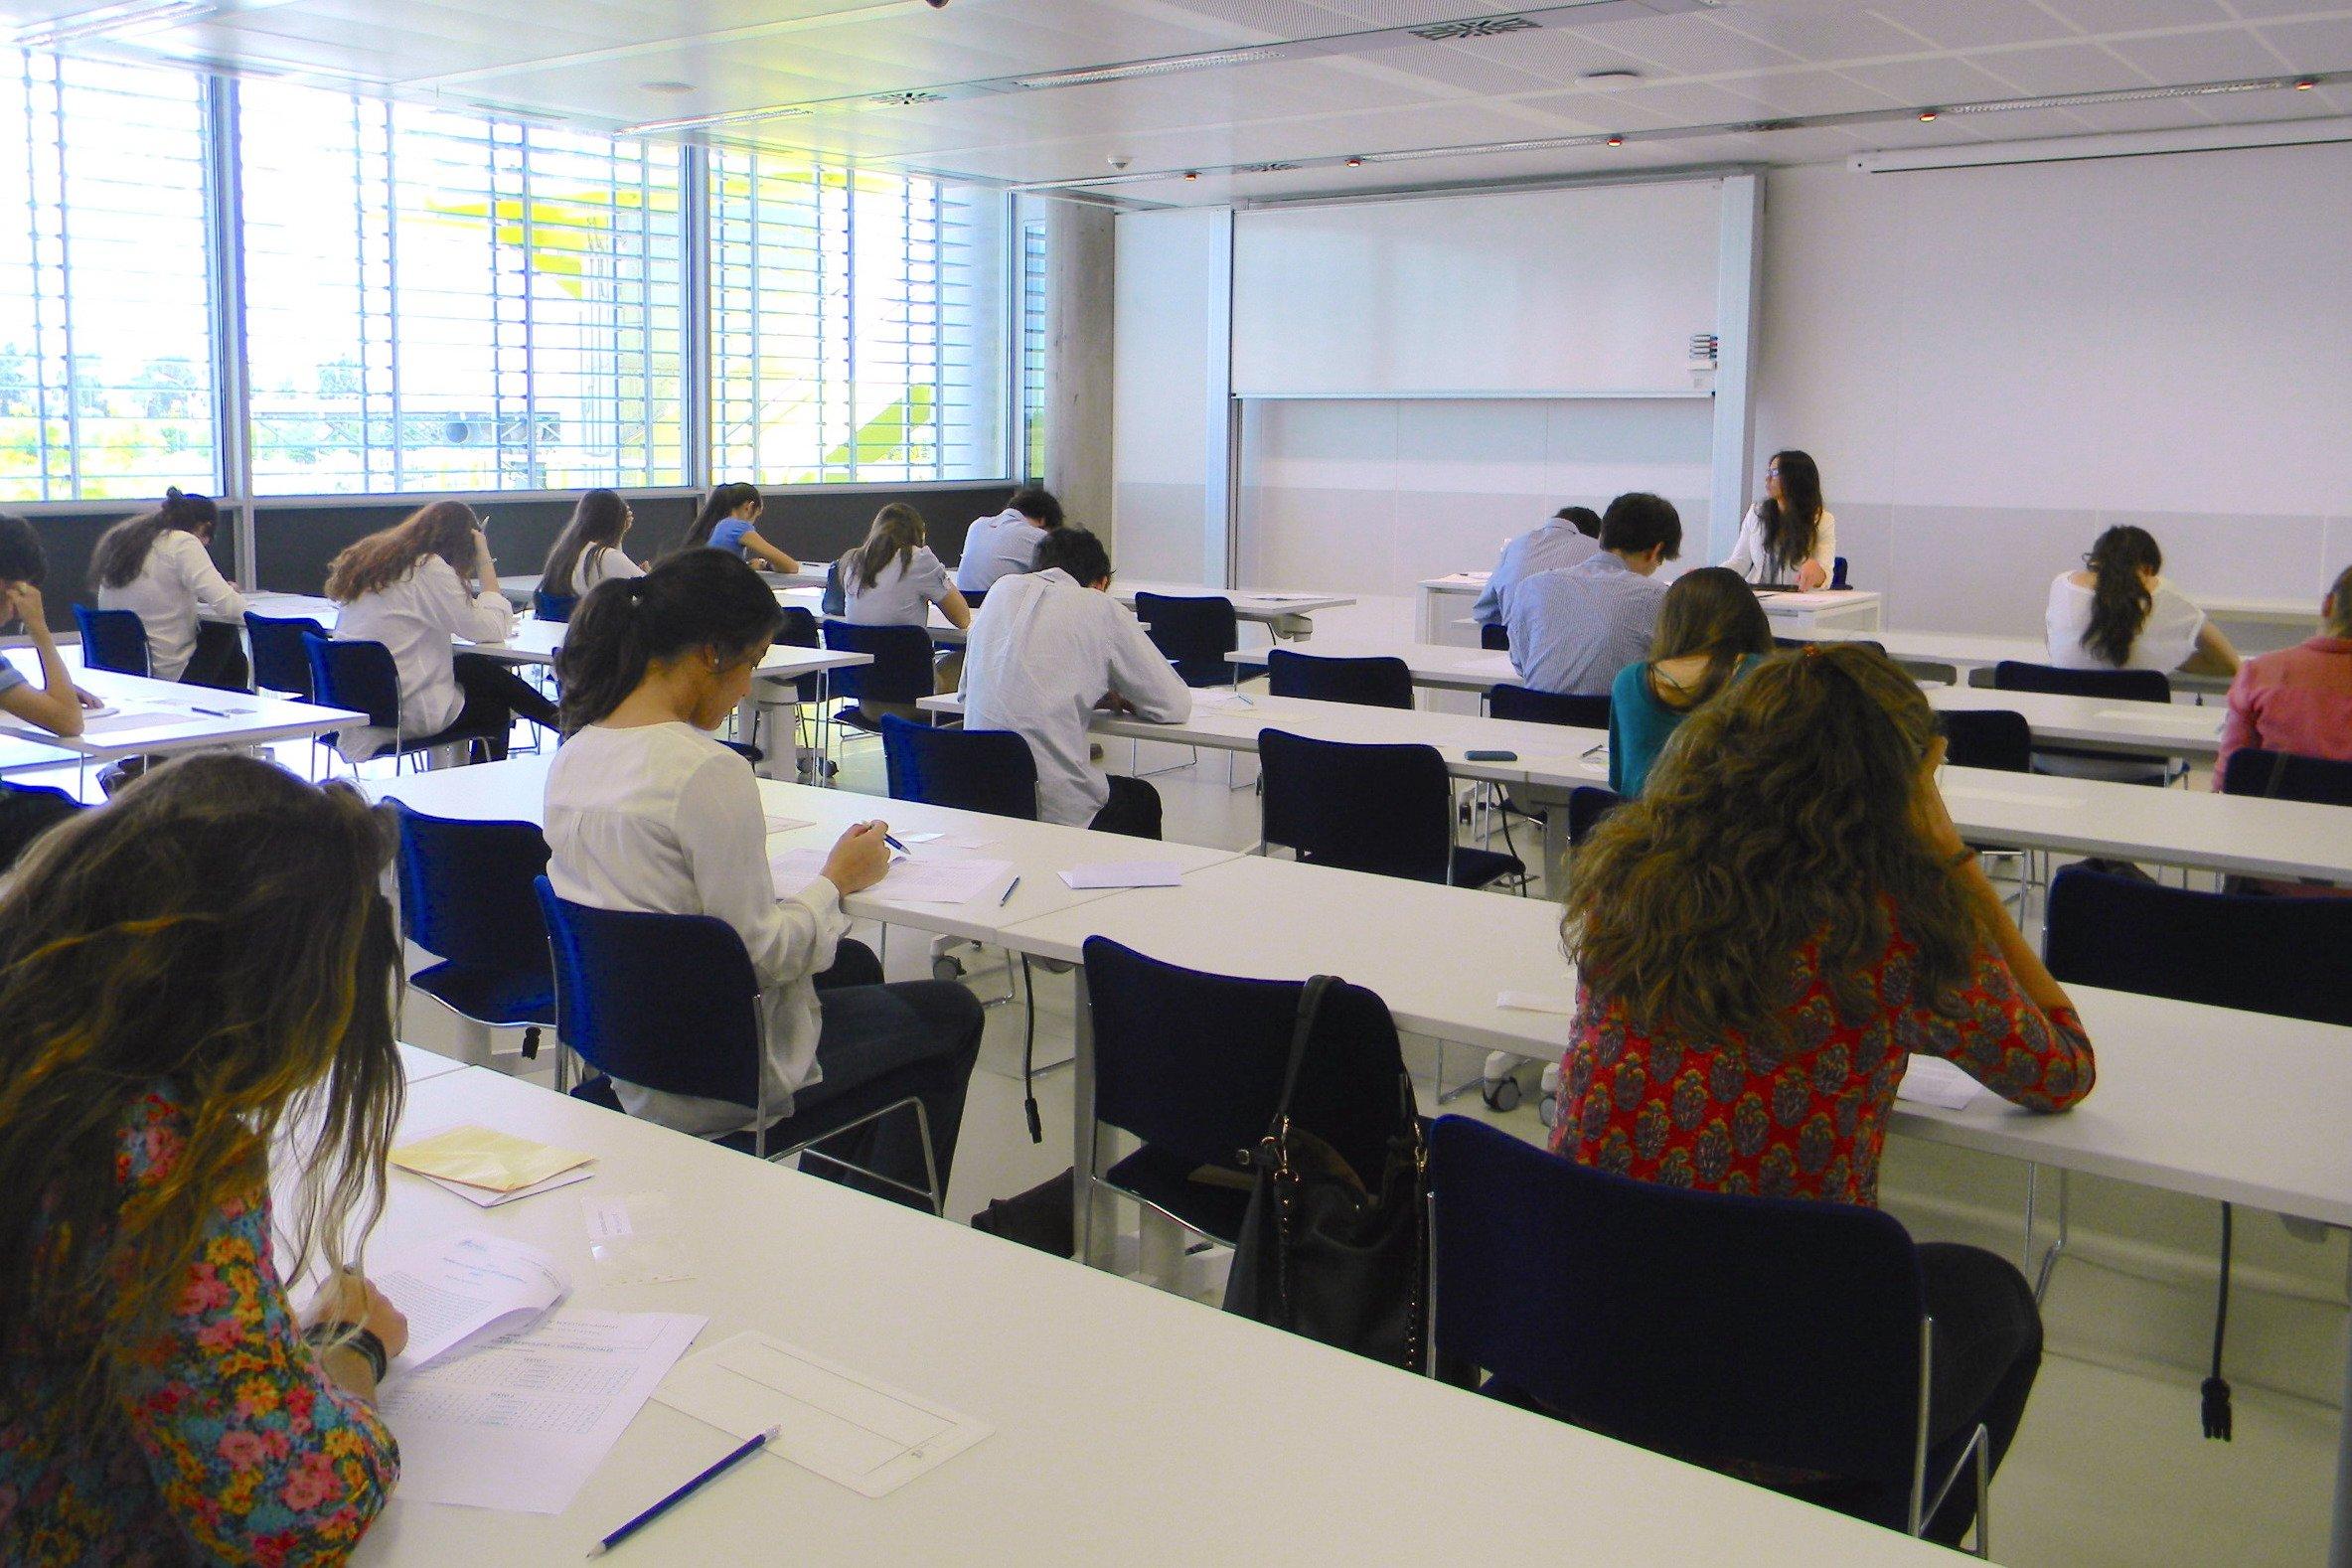 Abierto el plazo de las pruebas de admisión de la Universidad Loyola Andalucía